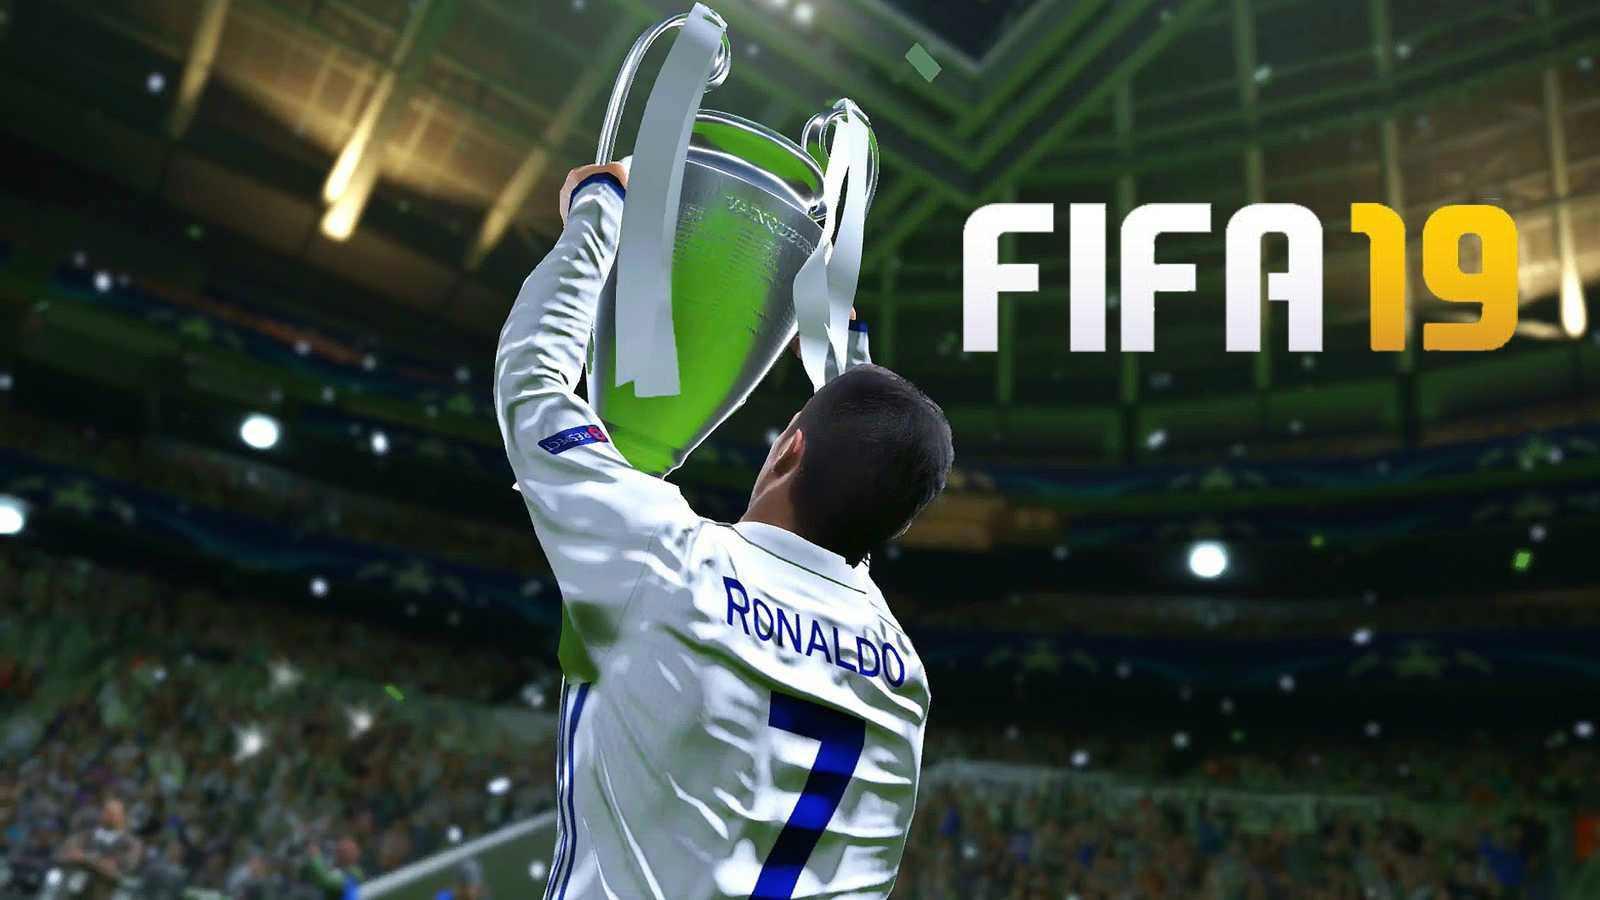 uefa 19